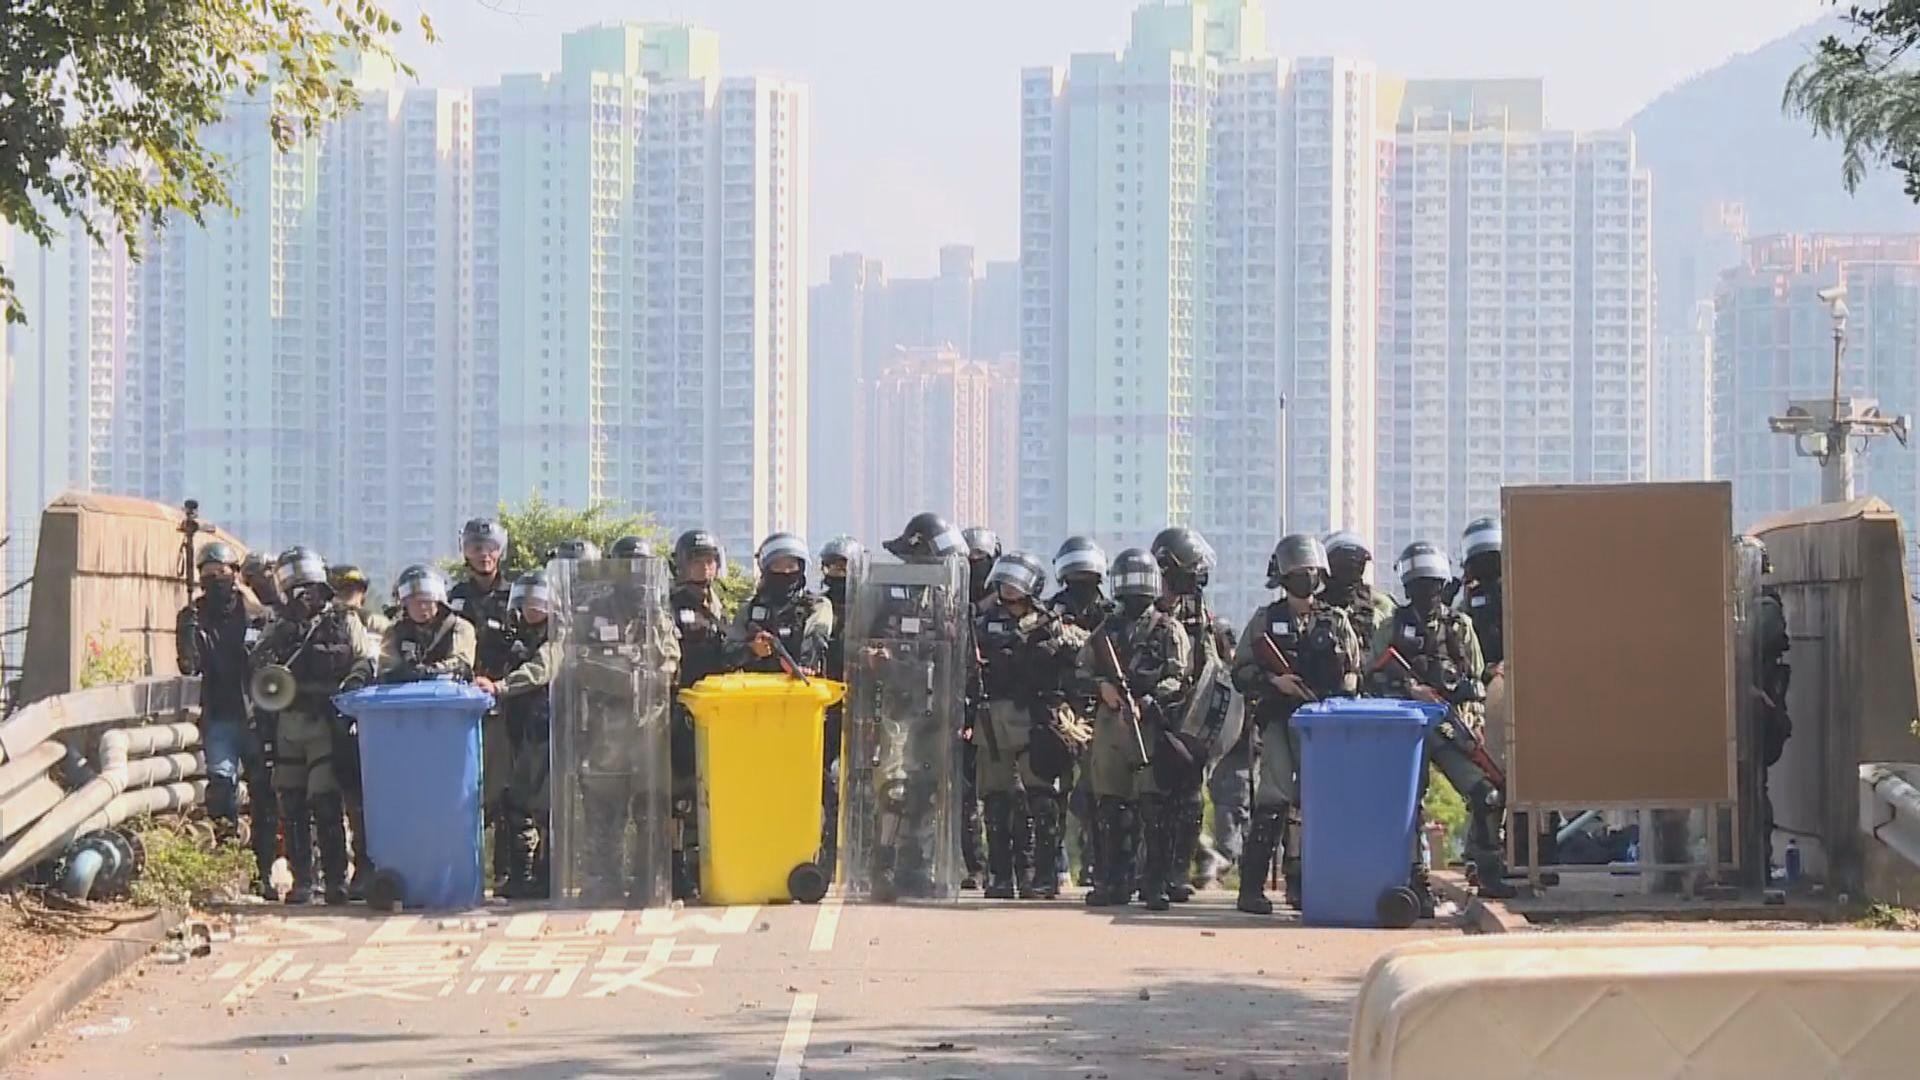 防暴警察一度進入中大範圍並開防暴槍